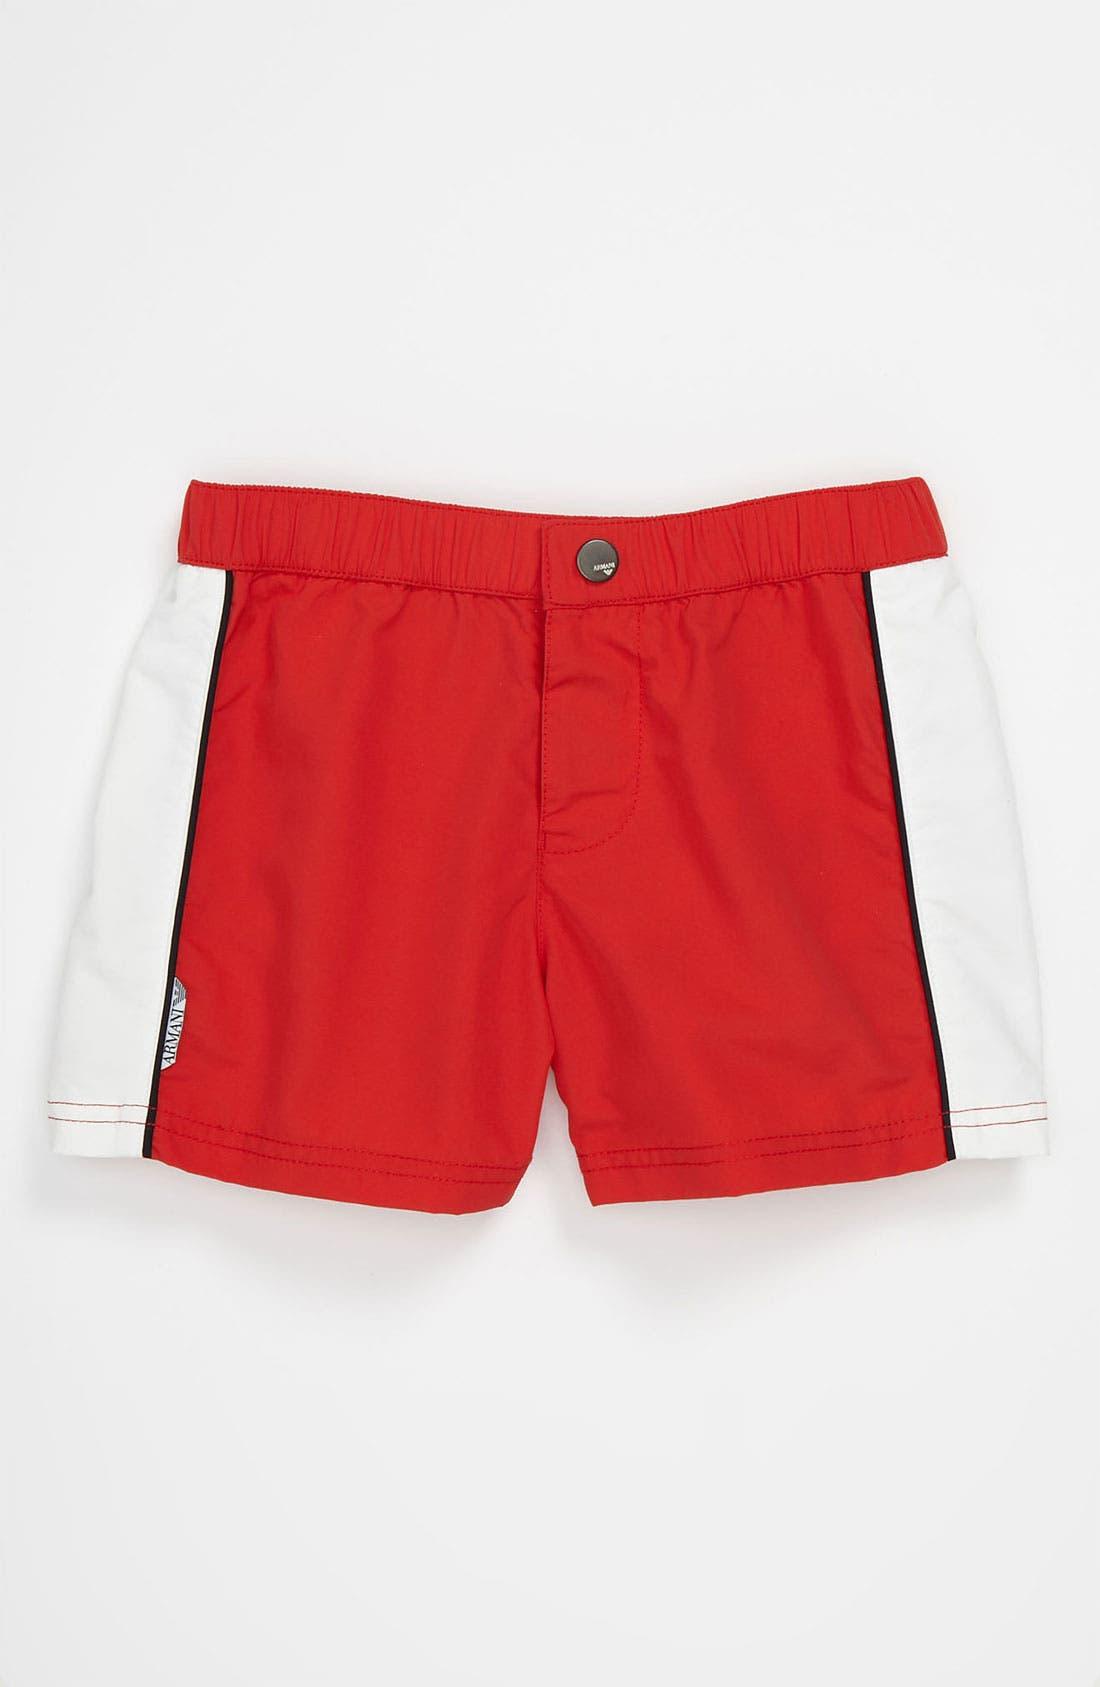 Alternate Image 1 Selected - Armani Junior Swim Trunks (Toddler & Little Boys)